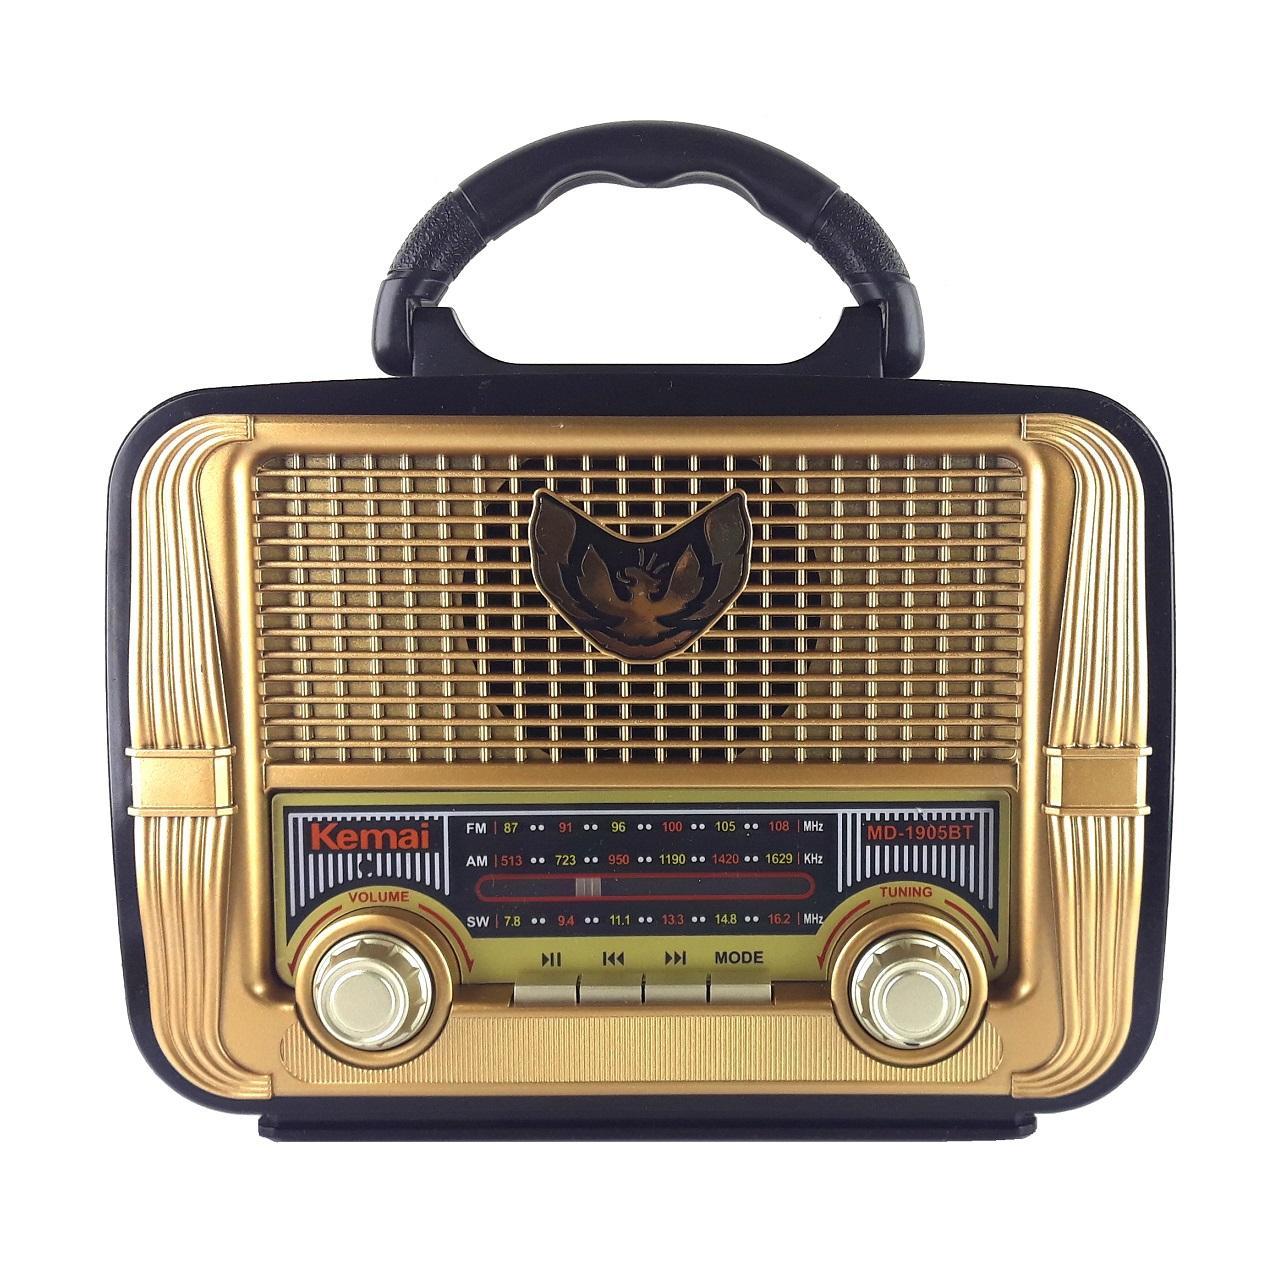 رادیو کیمای مدل MD-1905BT thumb